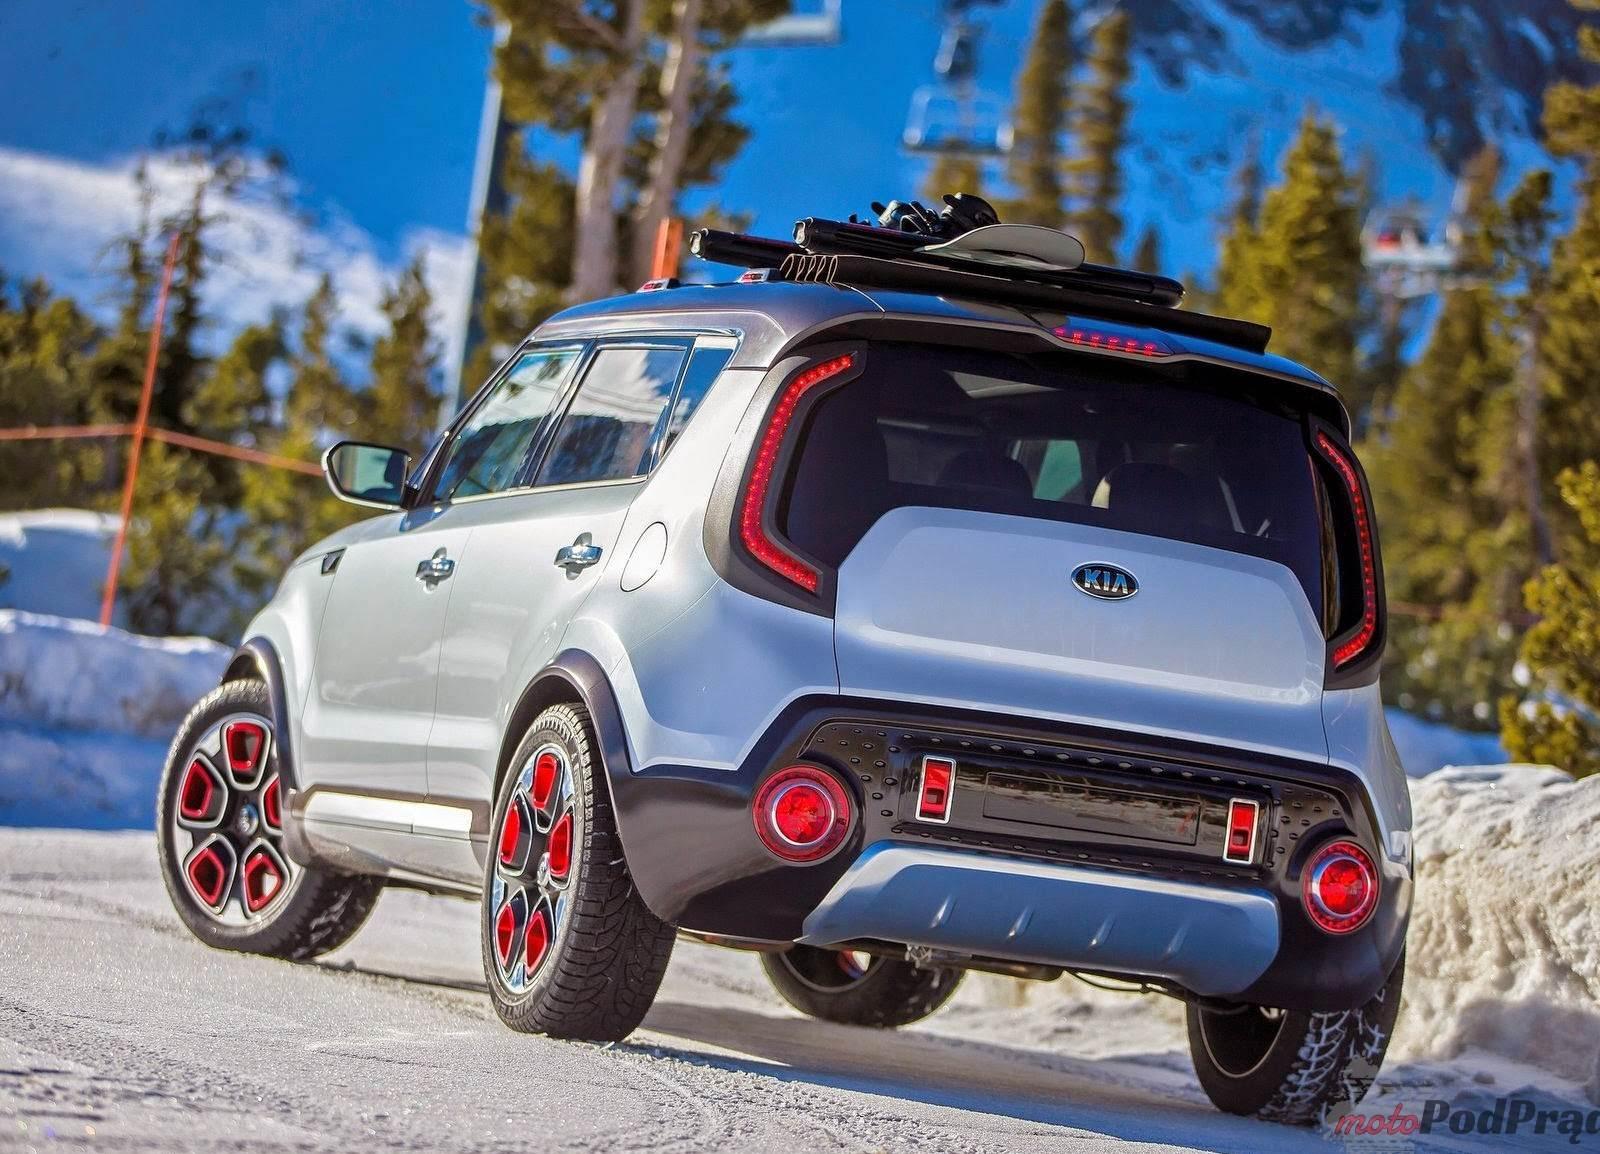 2015 Kia Trailster Concept 2 Kia Trailster Concept   terenowy Soul?